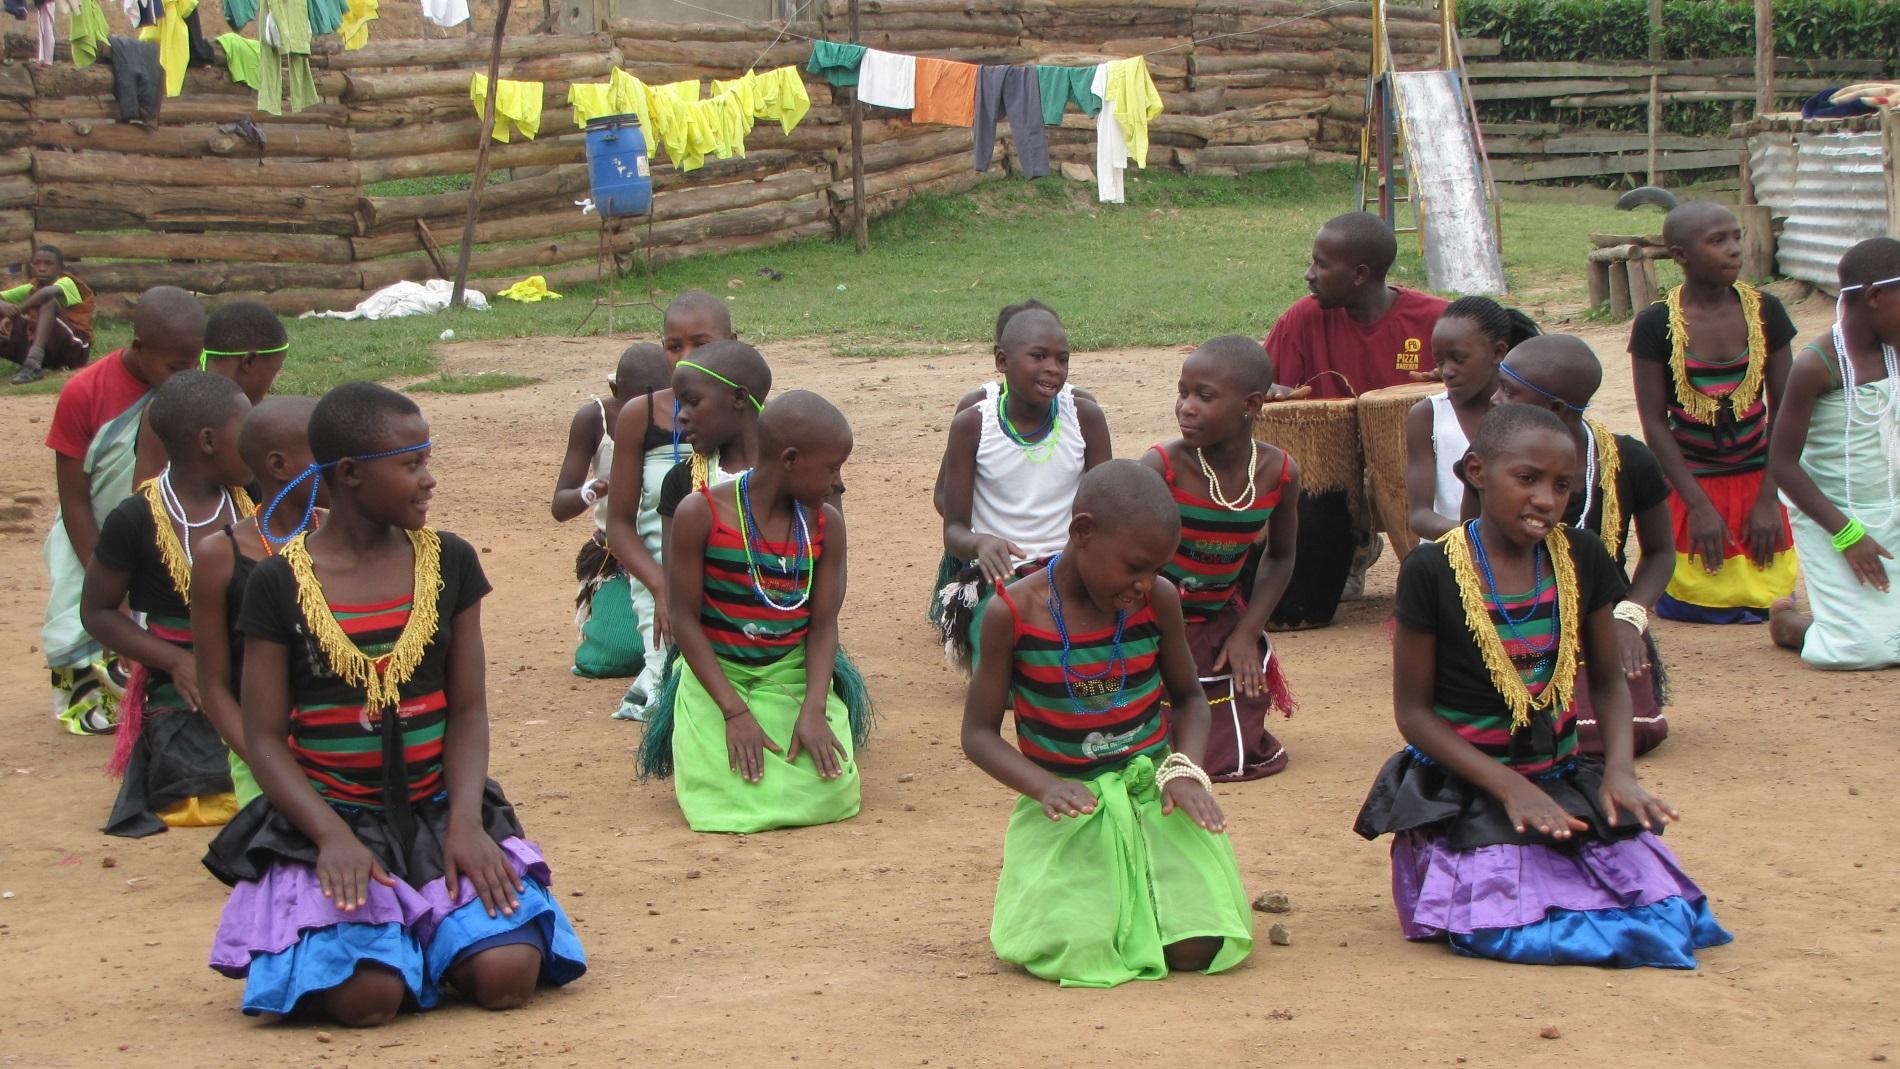 bilete uganda siste del av tur 081.JPG